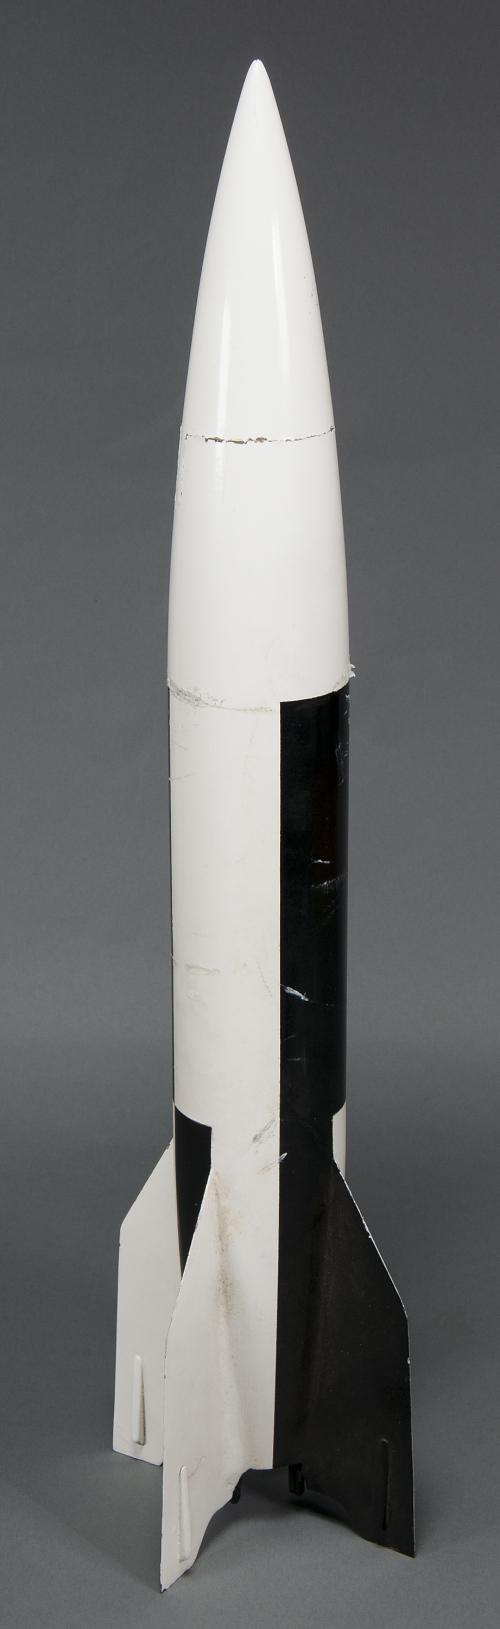 Model, Wind Tunnel, Missile, V-2, 1:48 Scale